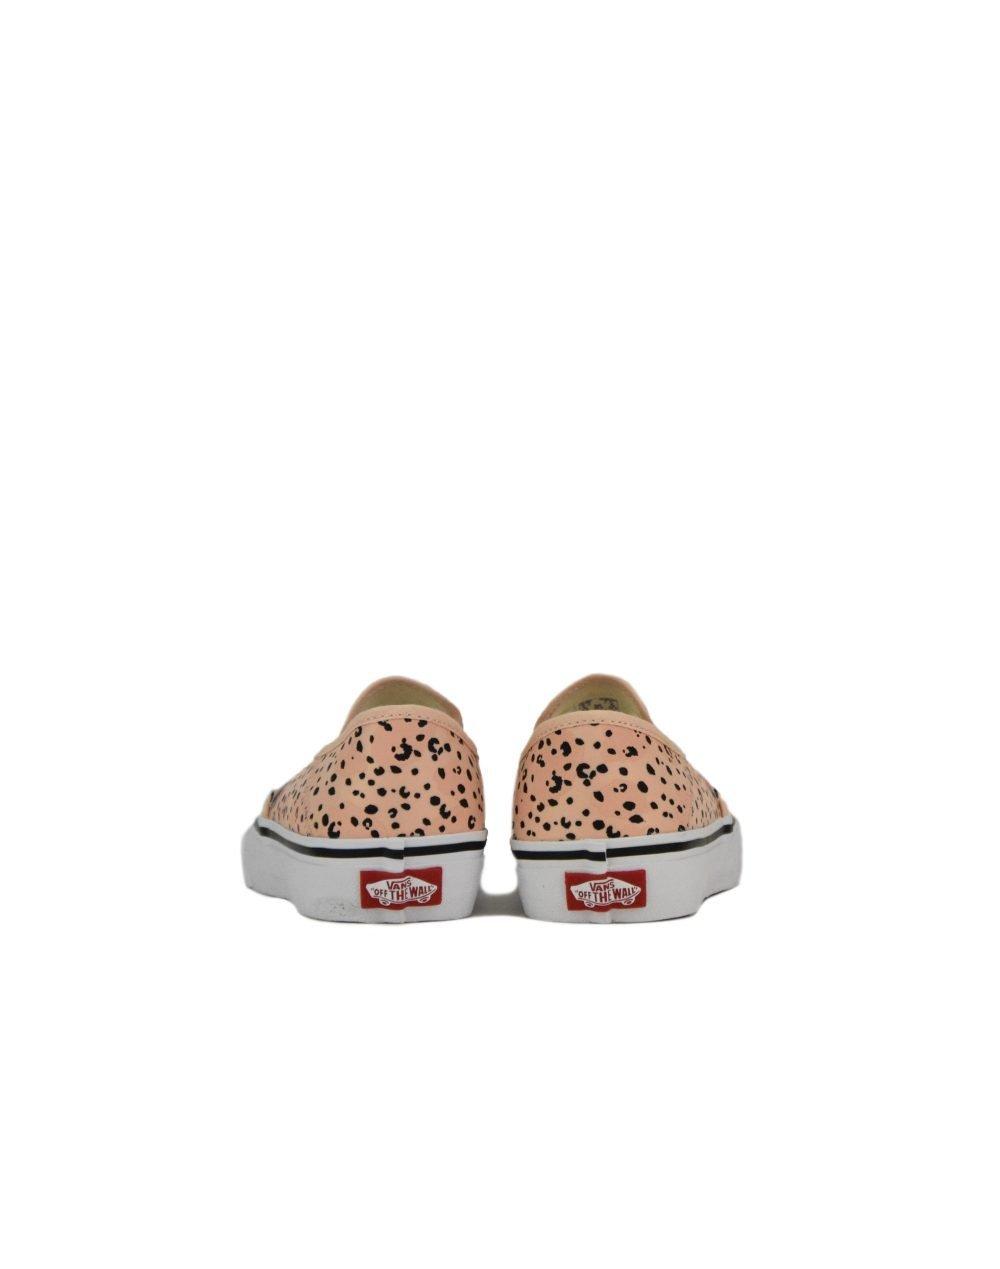 Vans Slip-On Sf Leila Hurst (VN0A3MVDWOL1) Tiny Animal